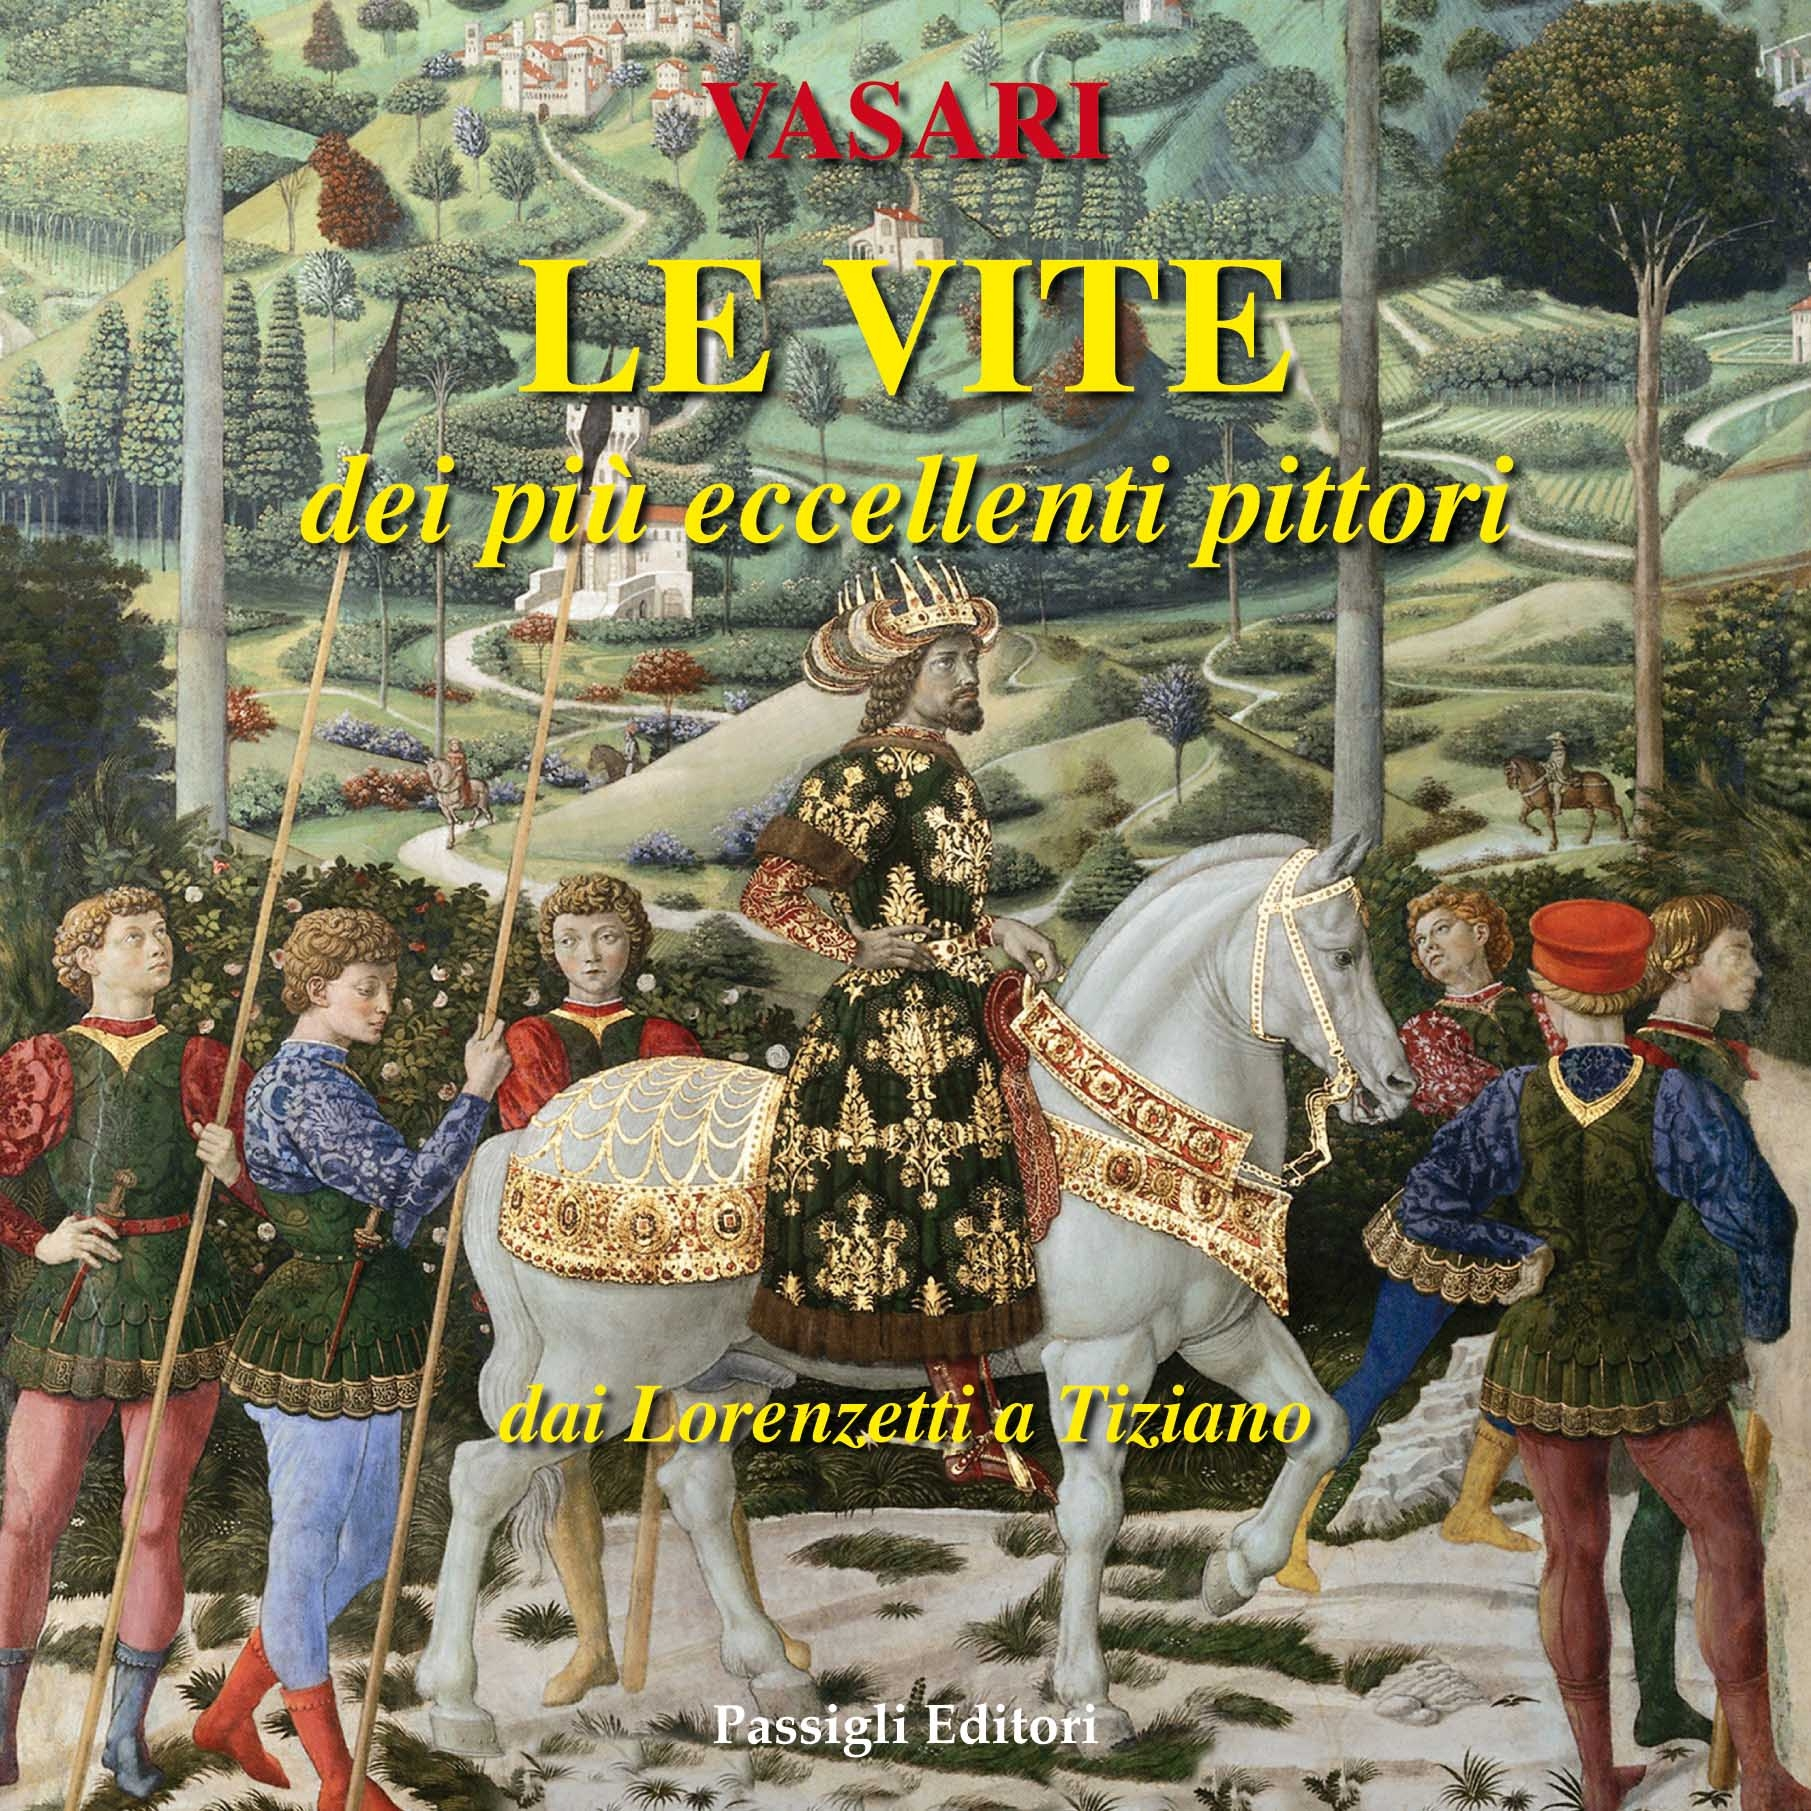 le_vite_volume 2_dal pozzo_passigli